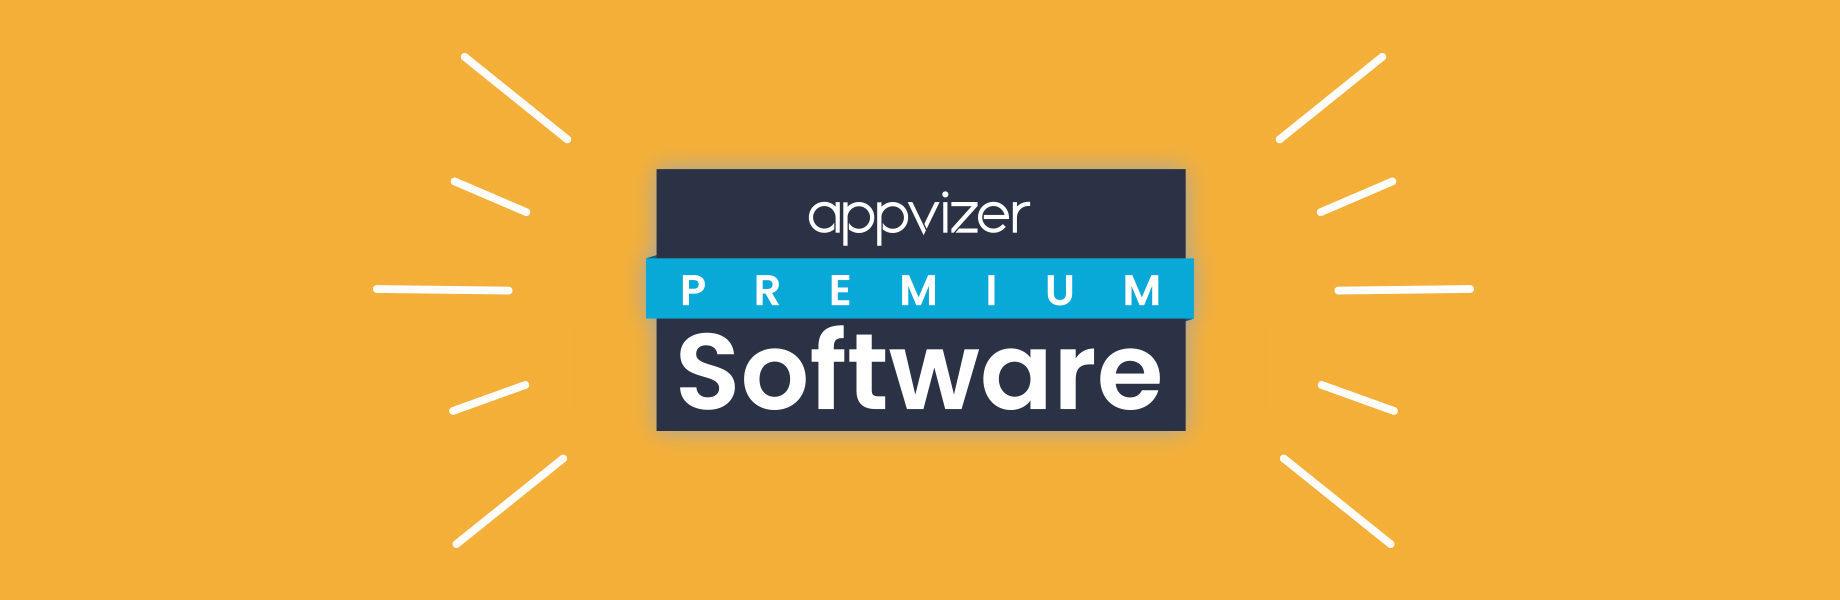 Wie erhalte ich einen appvizer-Premiumbadge?